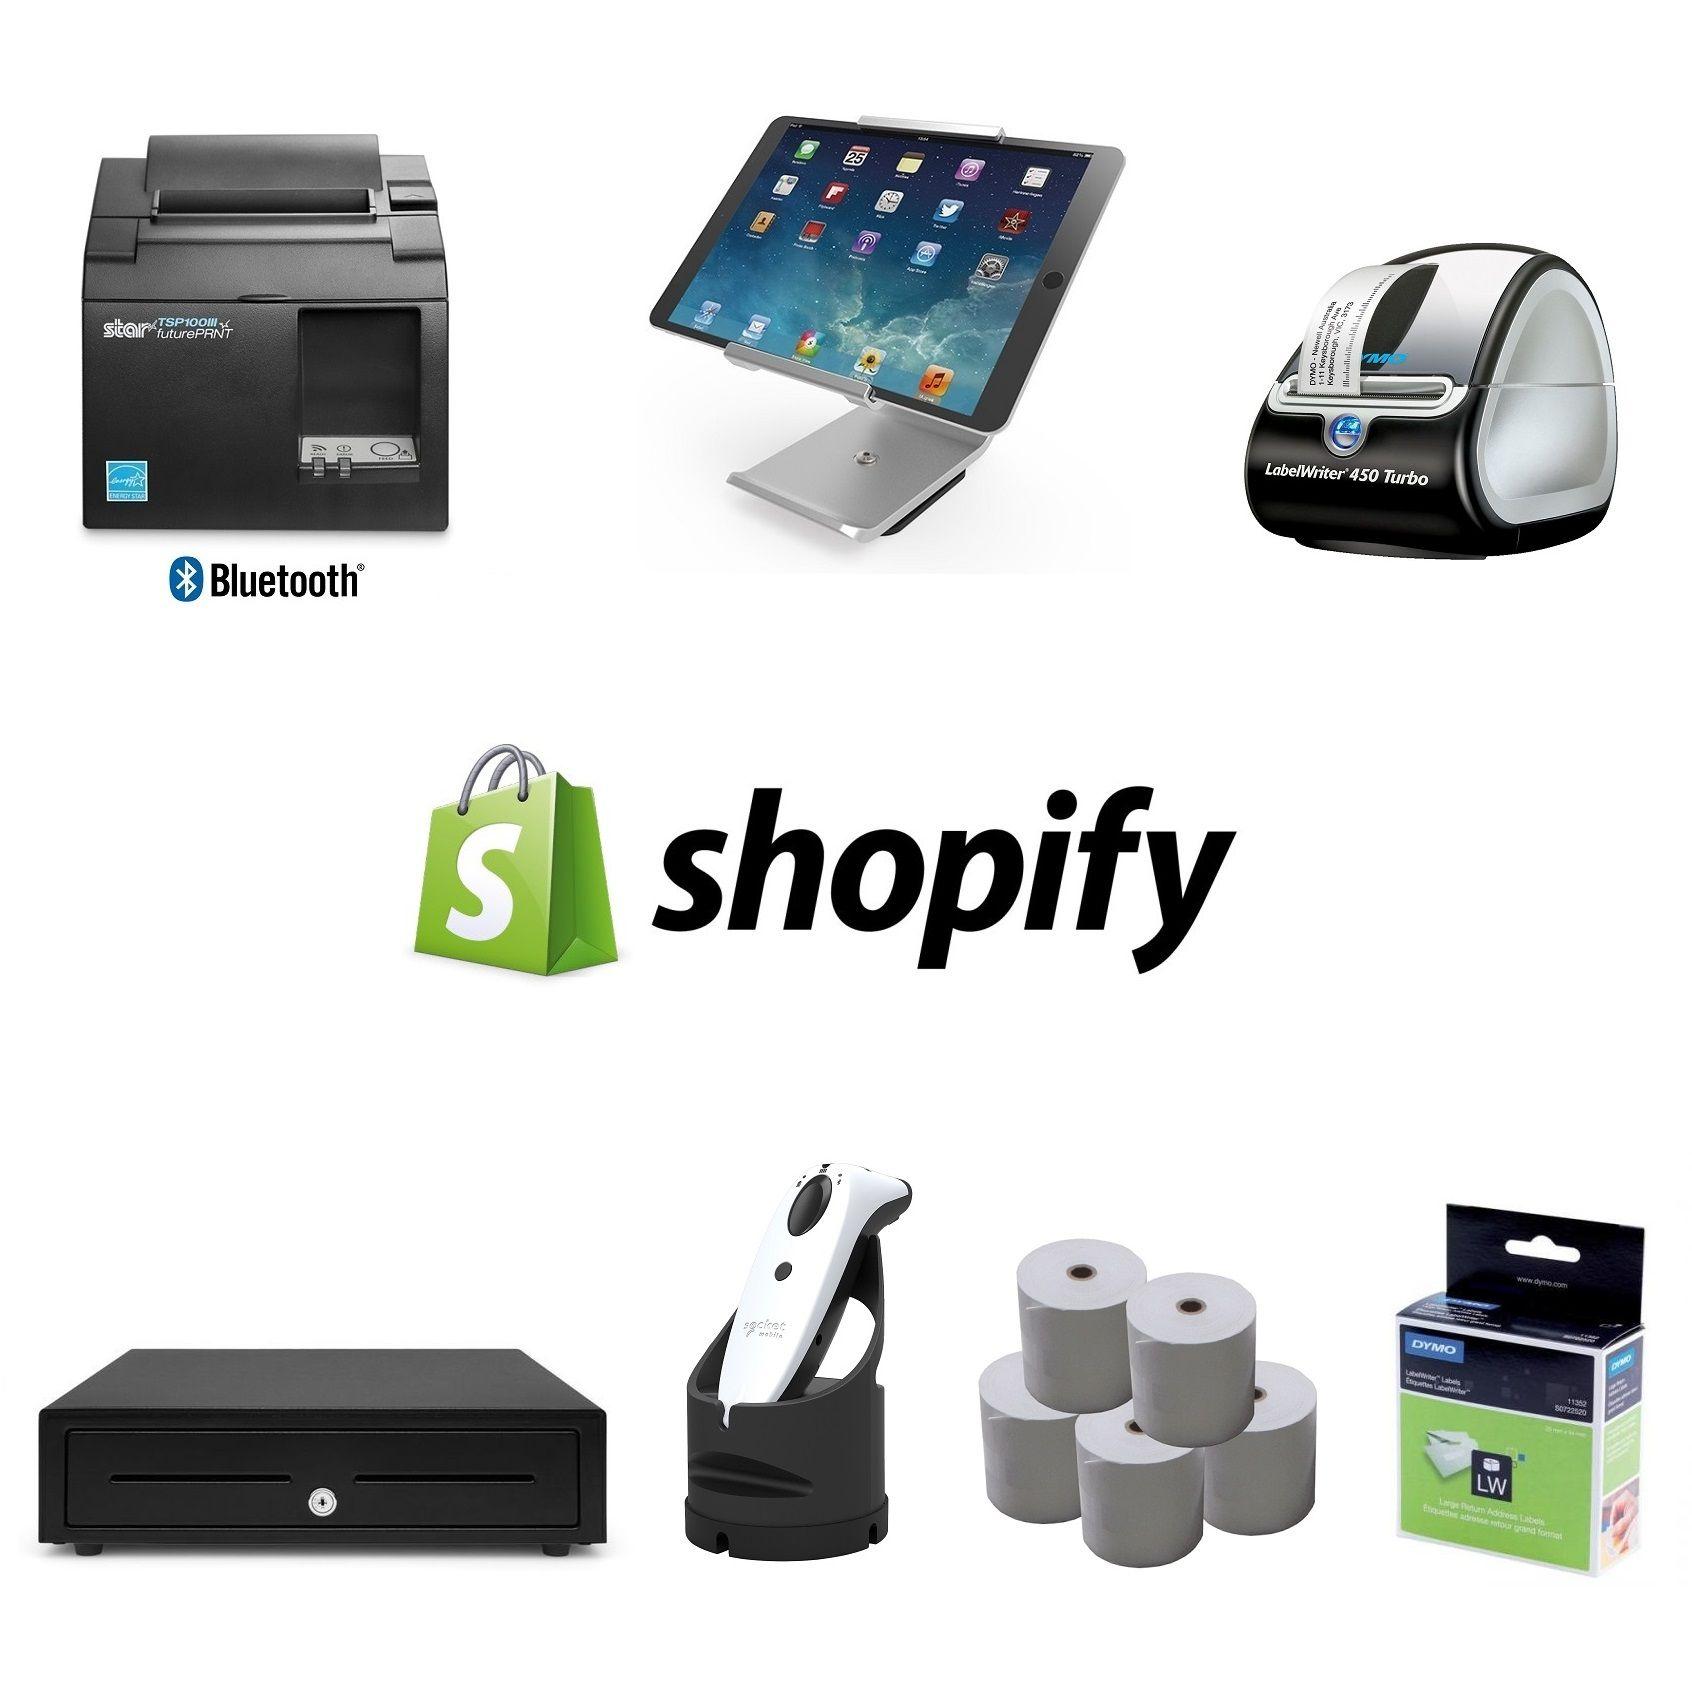 Shopify POS Hardware Bundle #13 In 2019